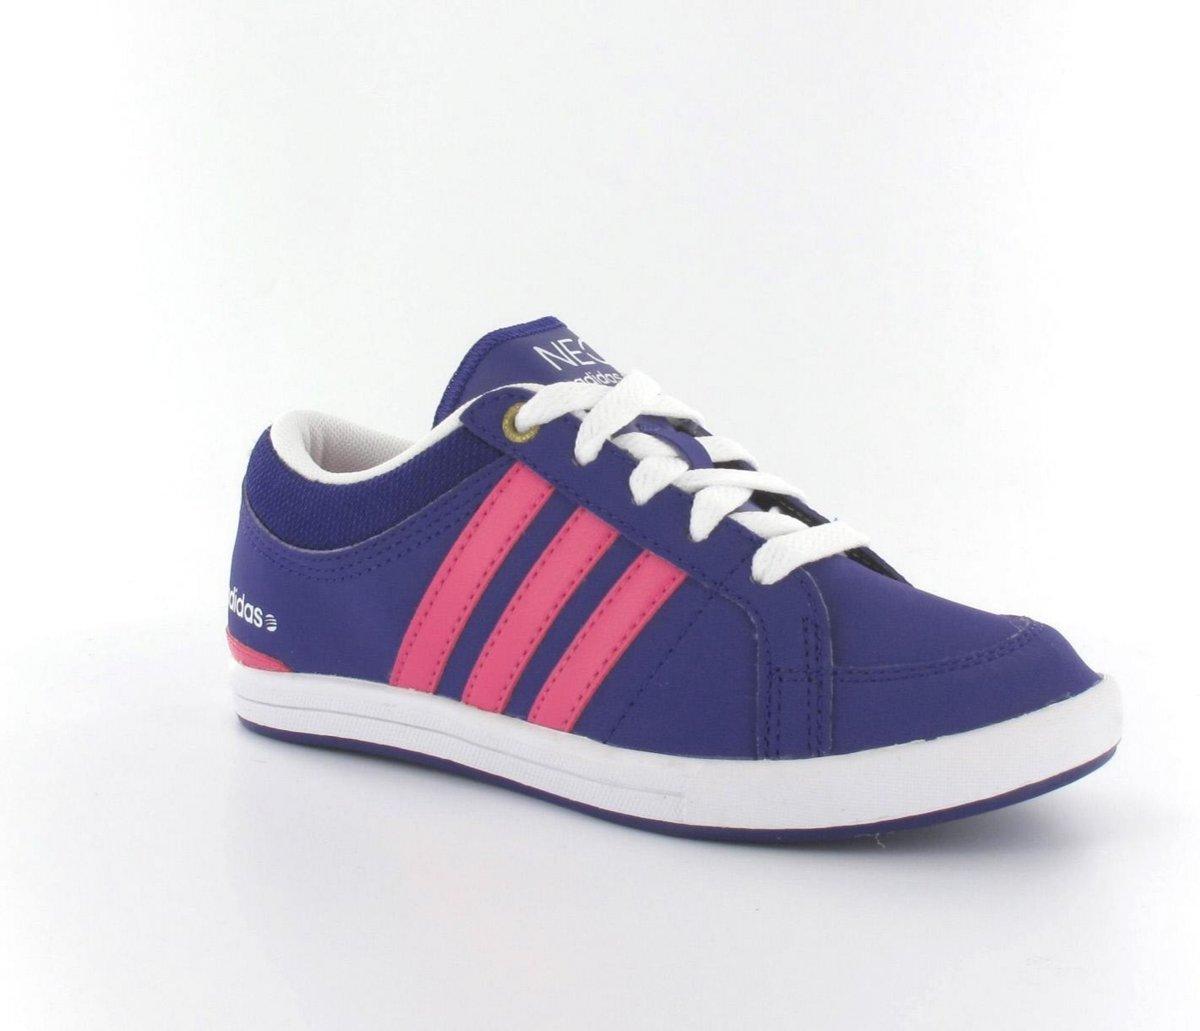 Leuke Betaalbare Kinderschoenen.Bol Com Adidas Bbneo Skool Low Kids Sneakers Kinderen Maat